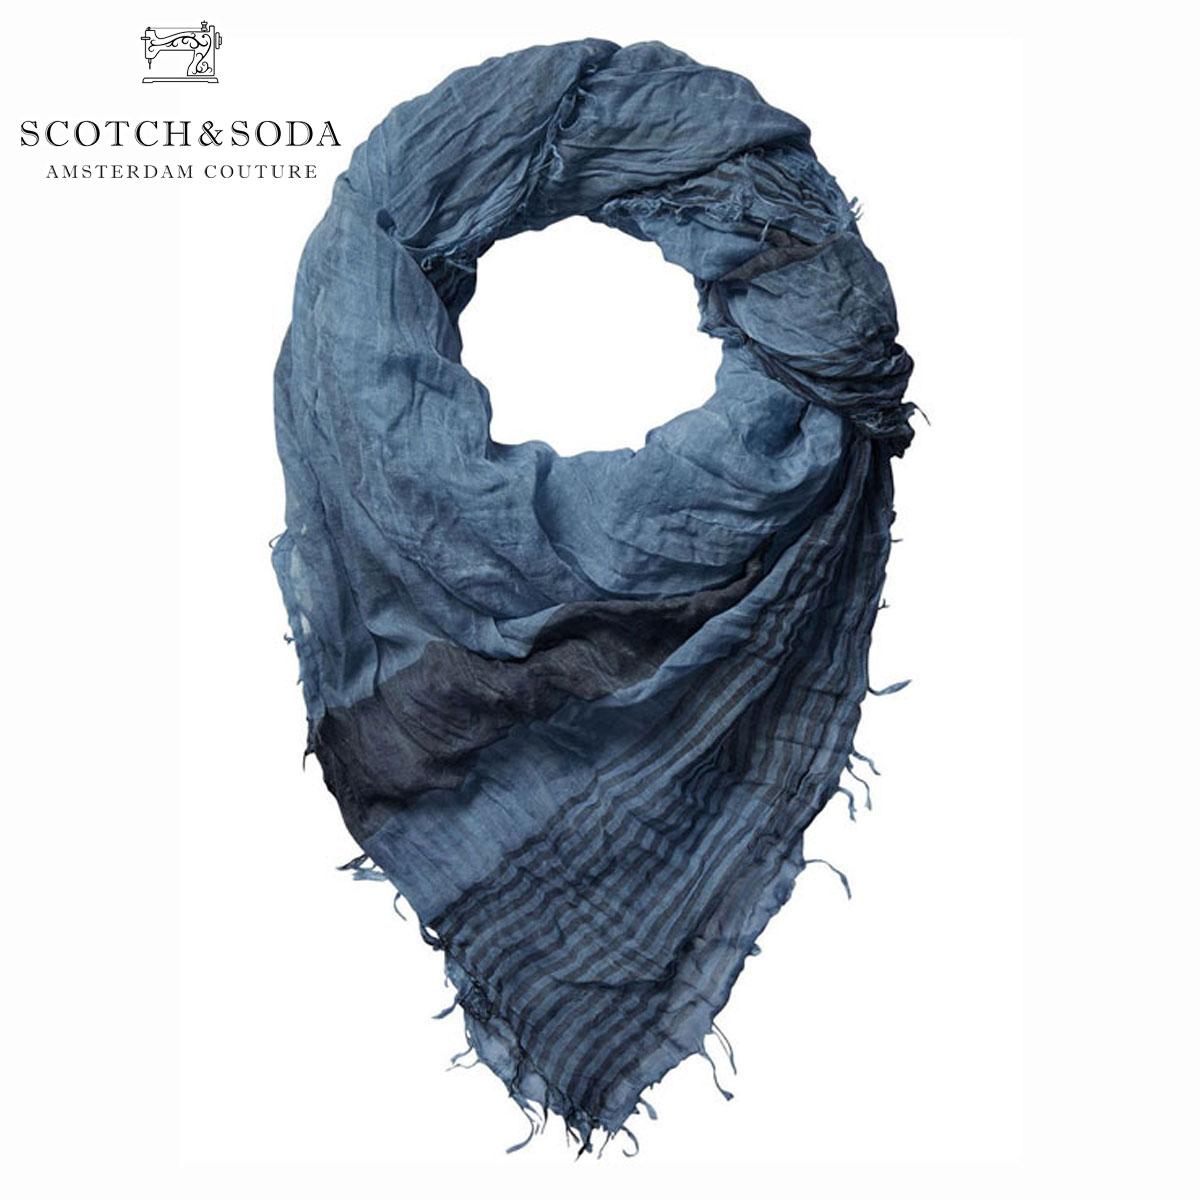 スコッチアンドソーダ SCOTCH&SODA 正規販売店 スカーフ COLD DYED SQUARE SCARF 136607 0134 WASHED